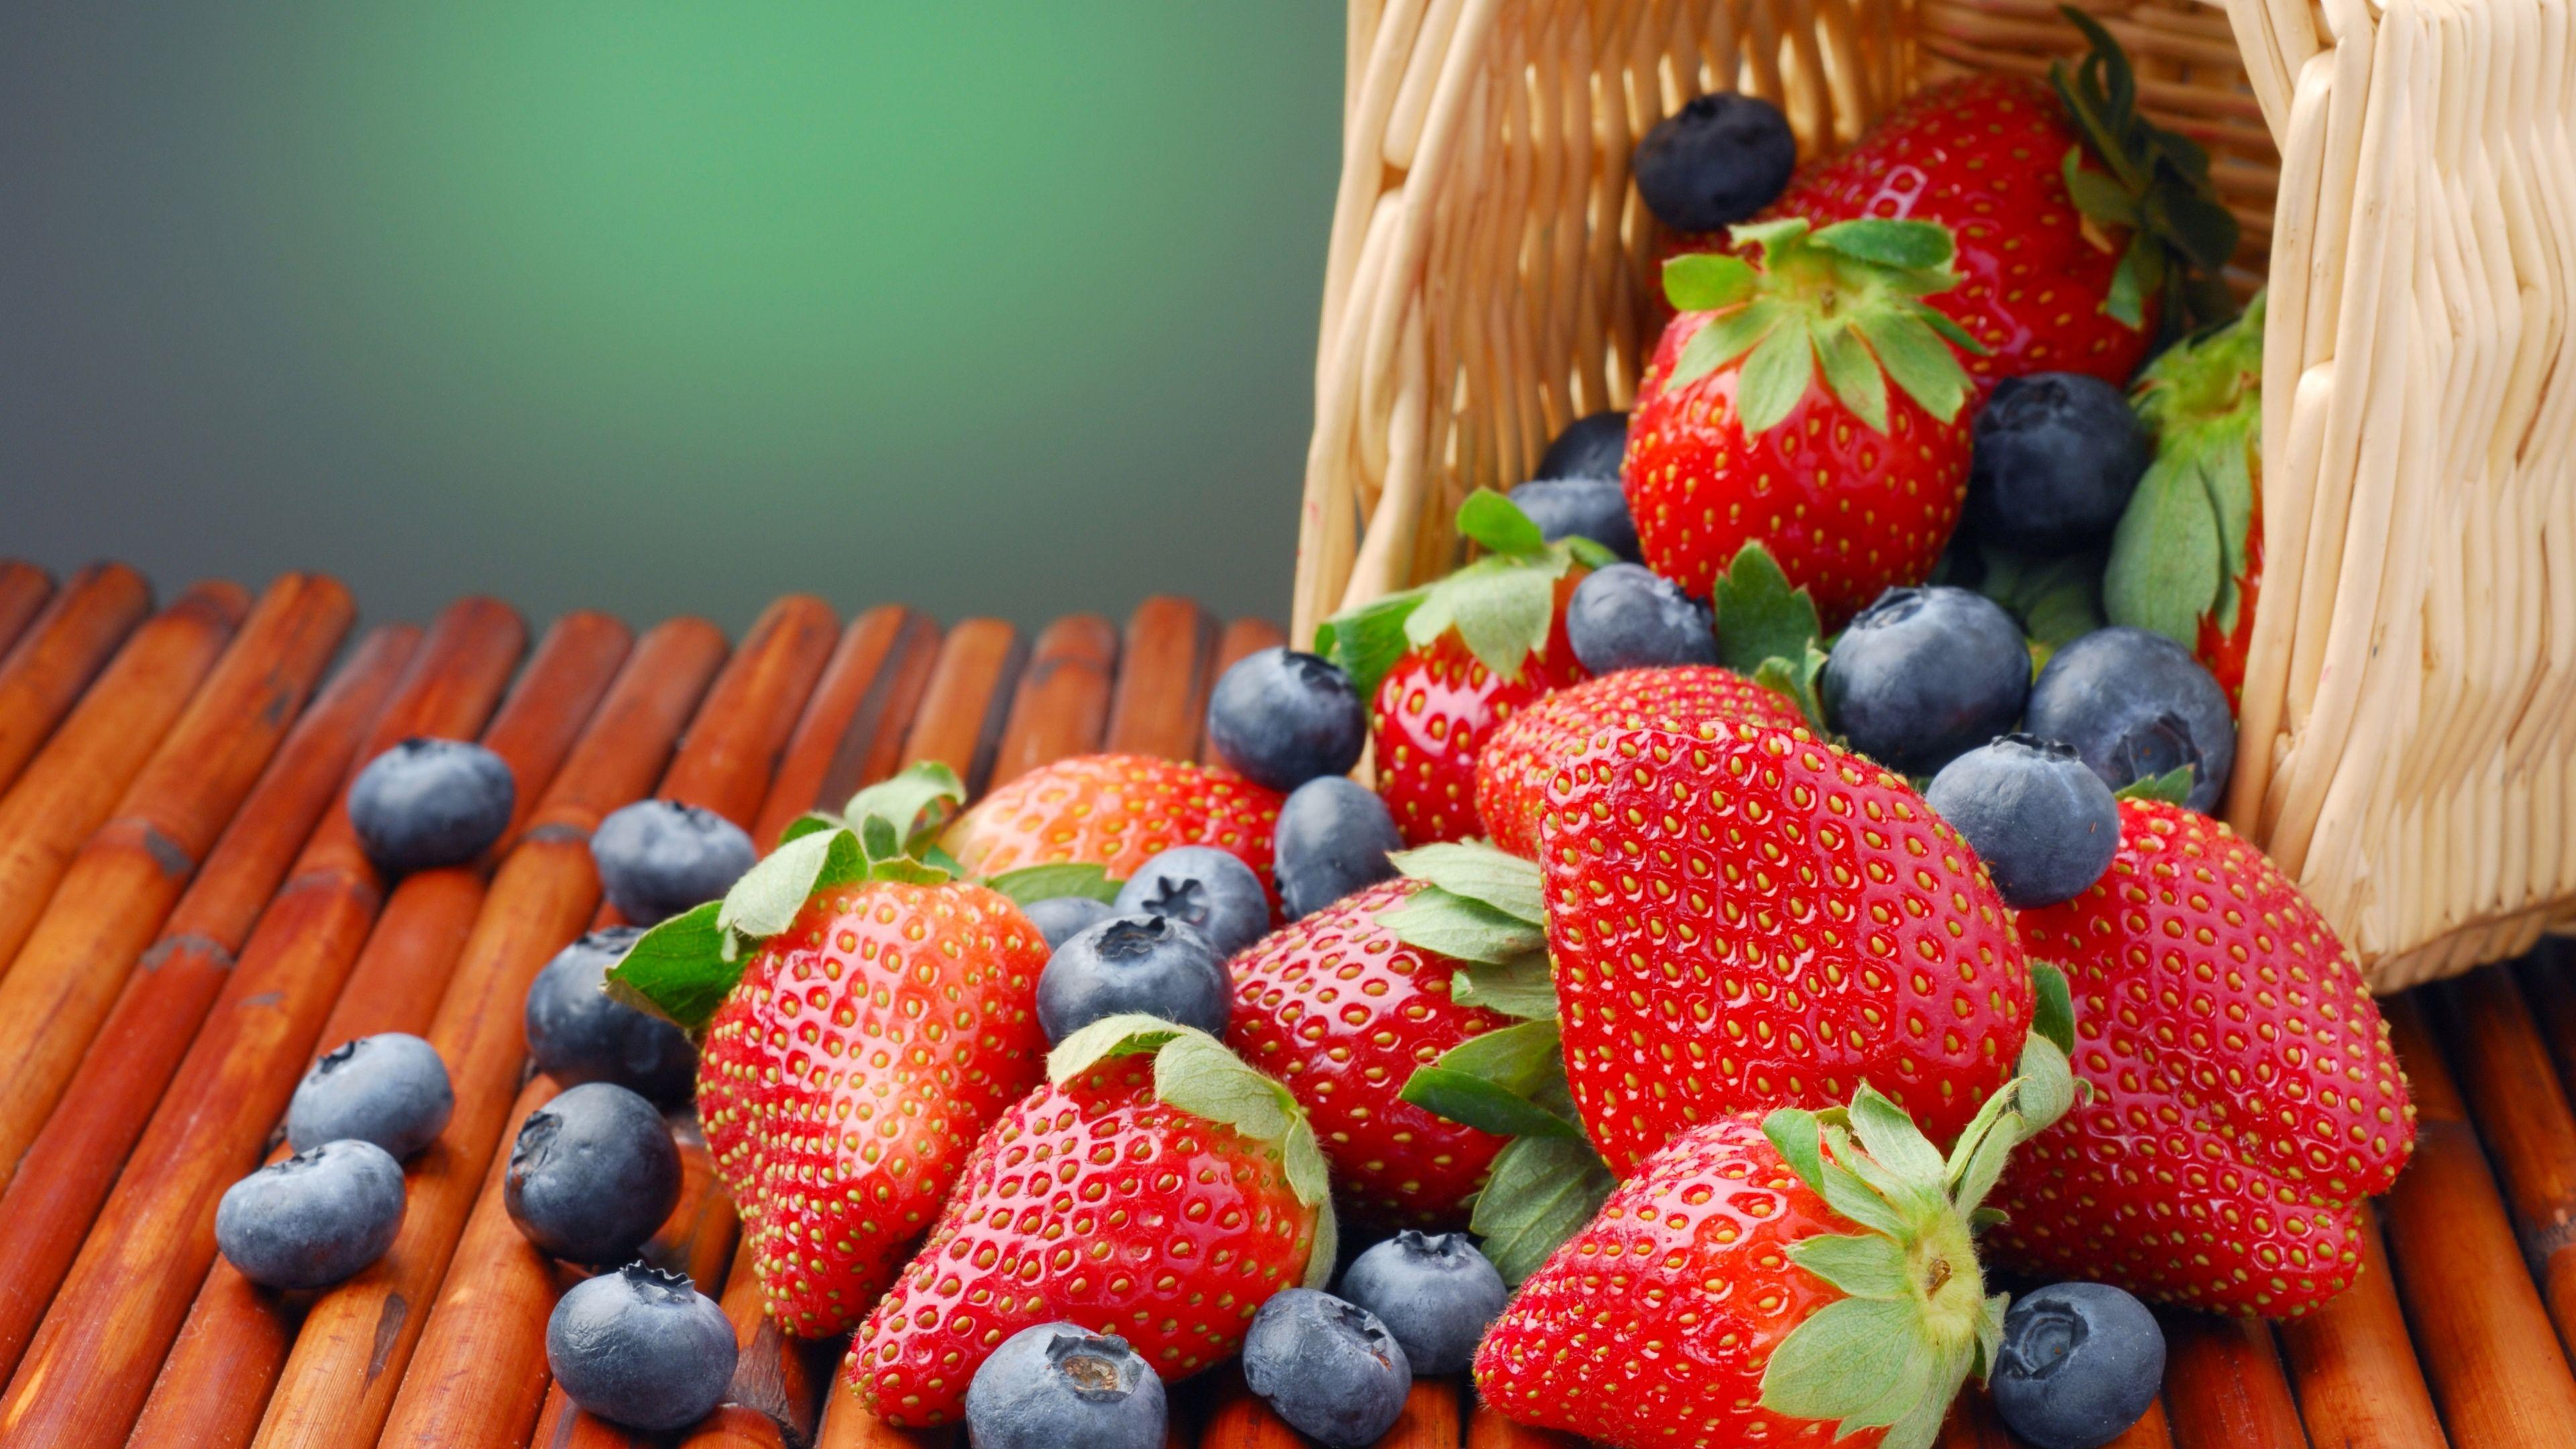 Food 4k Ultra Hd Wallpapers 4k Wallpaper Net Strawberry Fruit Food Wallpaper Food full hd wallpaper